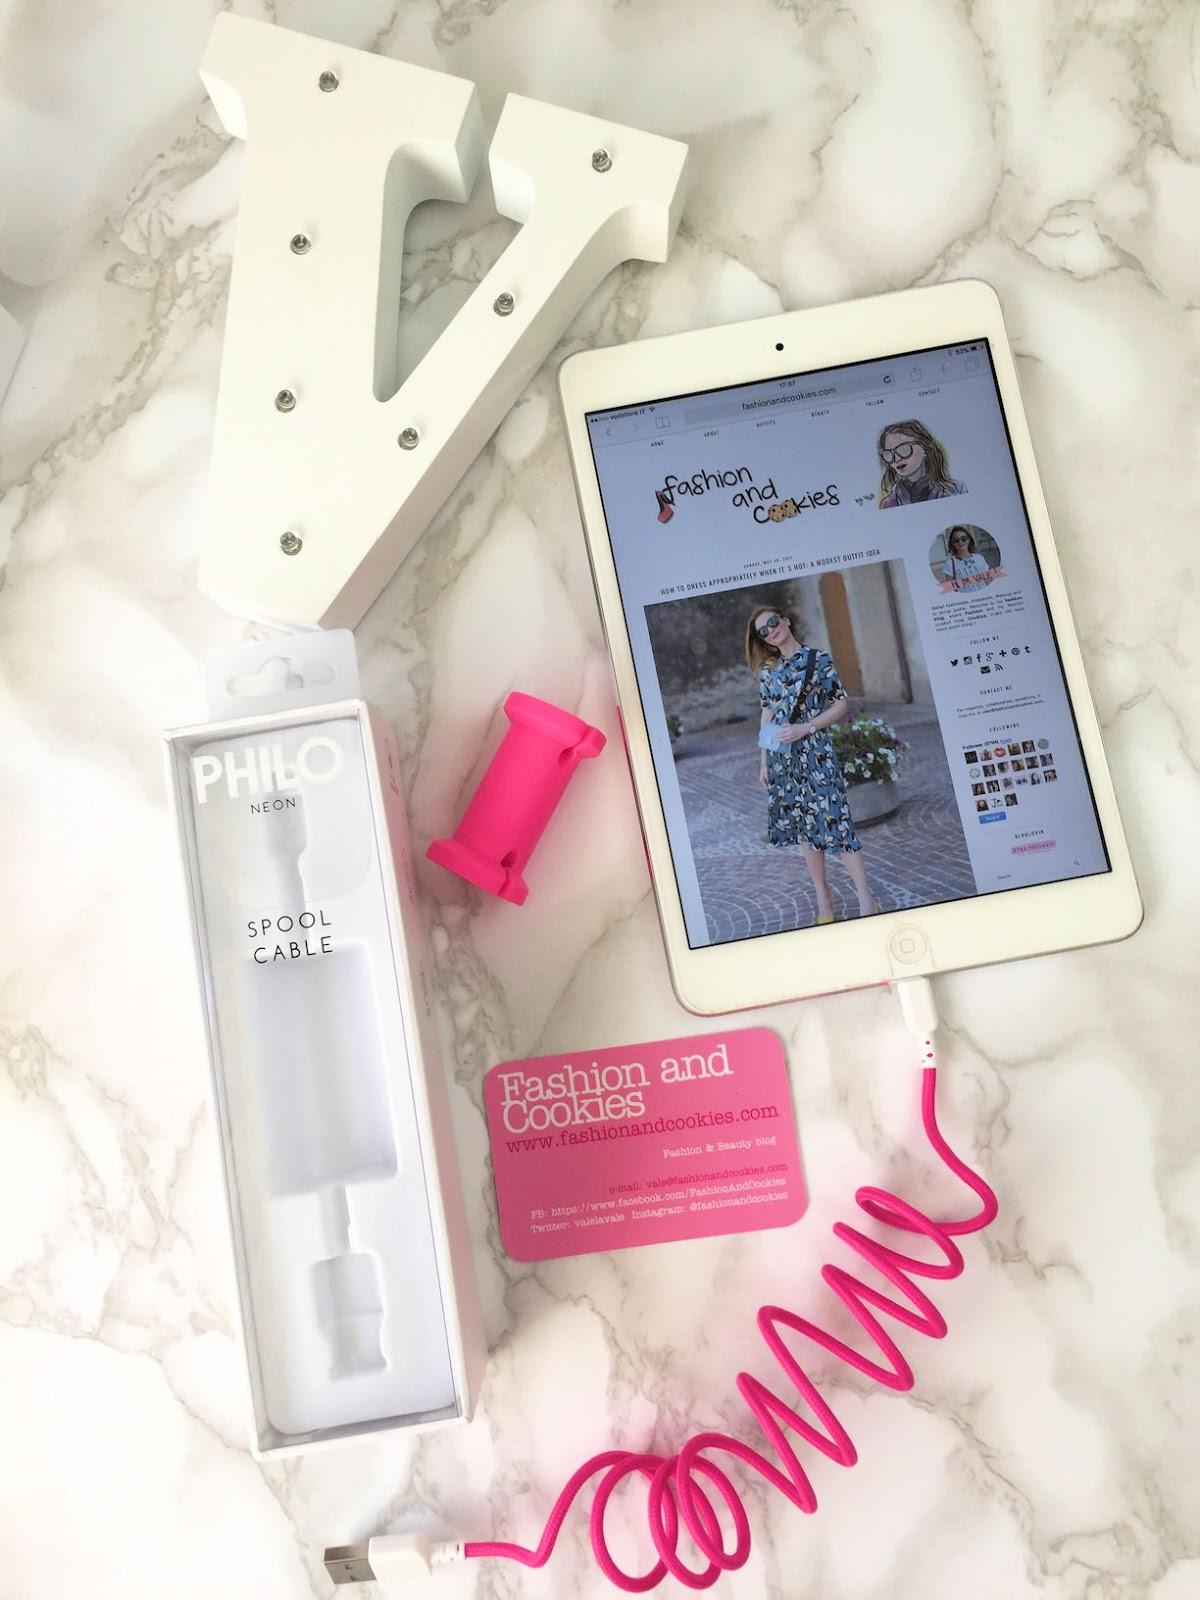 PHILO accessori fashion per iPhone su Fashion and Cookies fashion blog, fashion blogger